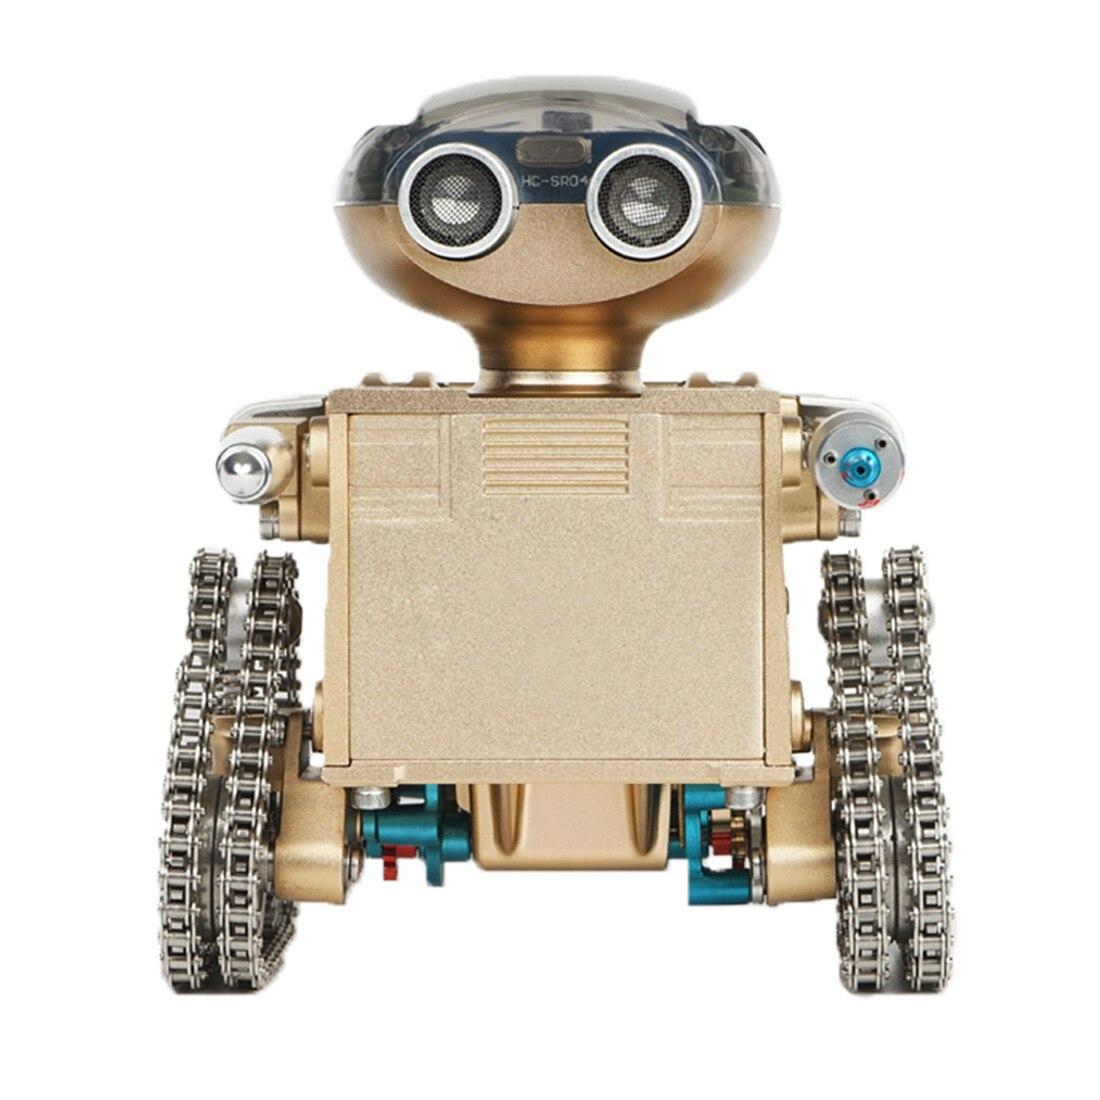 Robot de Control remoto inteligente de Metal montaje modelo educativo juguete DIY regalo para niños adultos regalos 2019